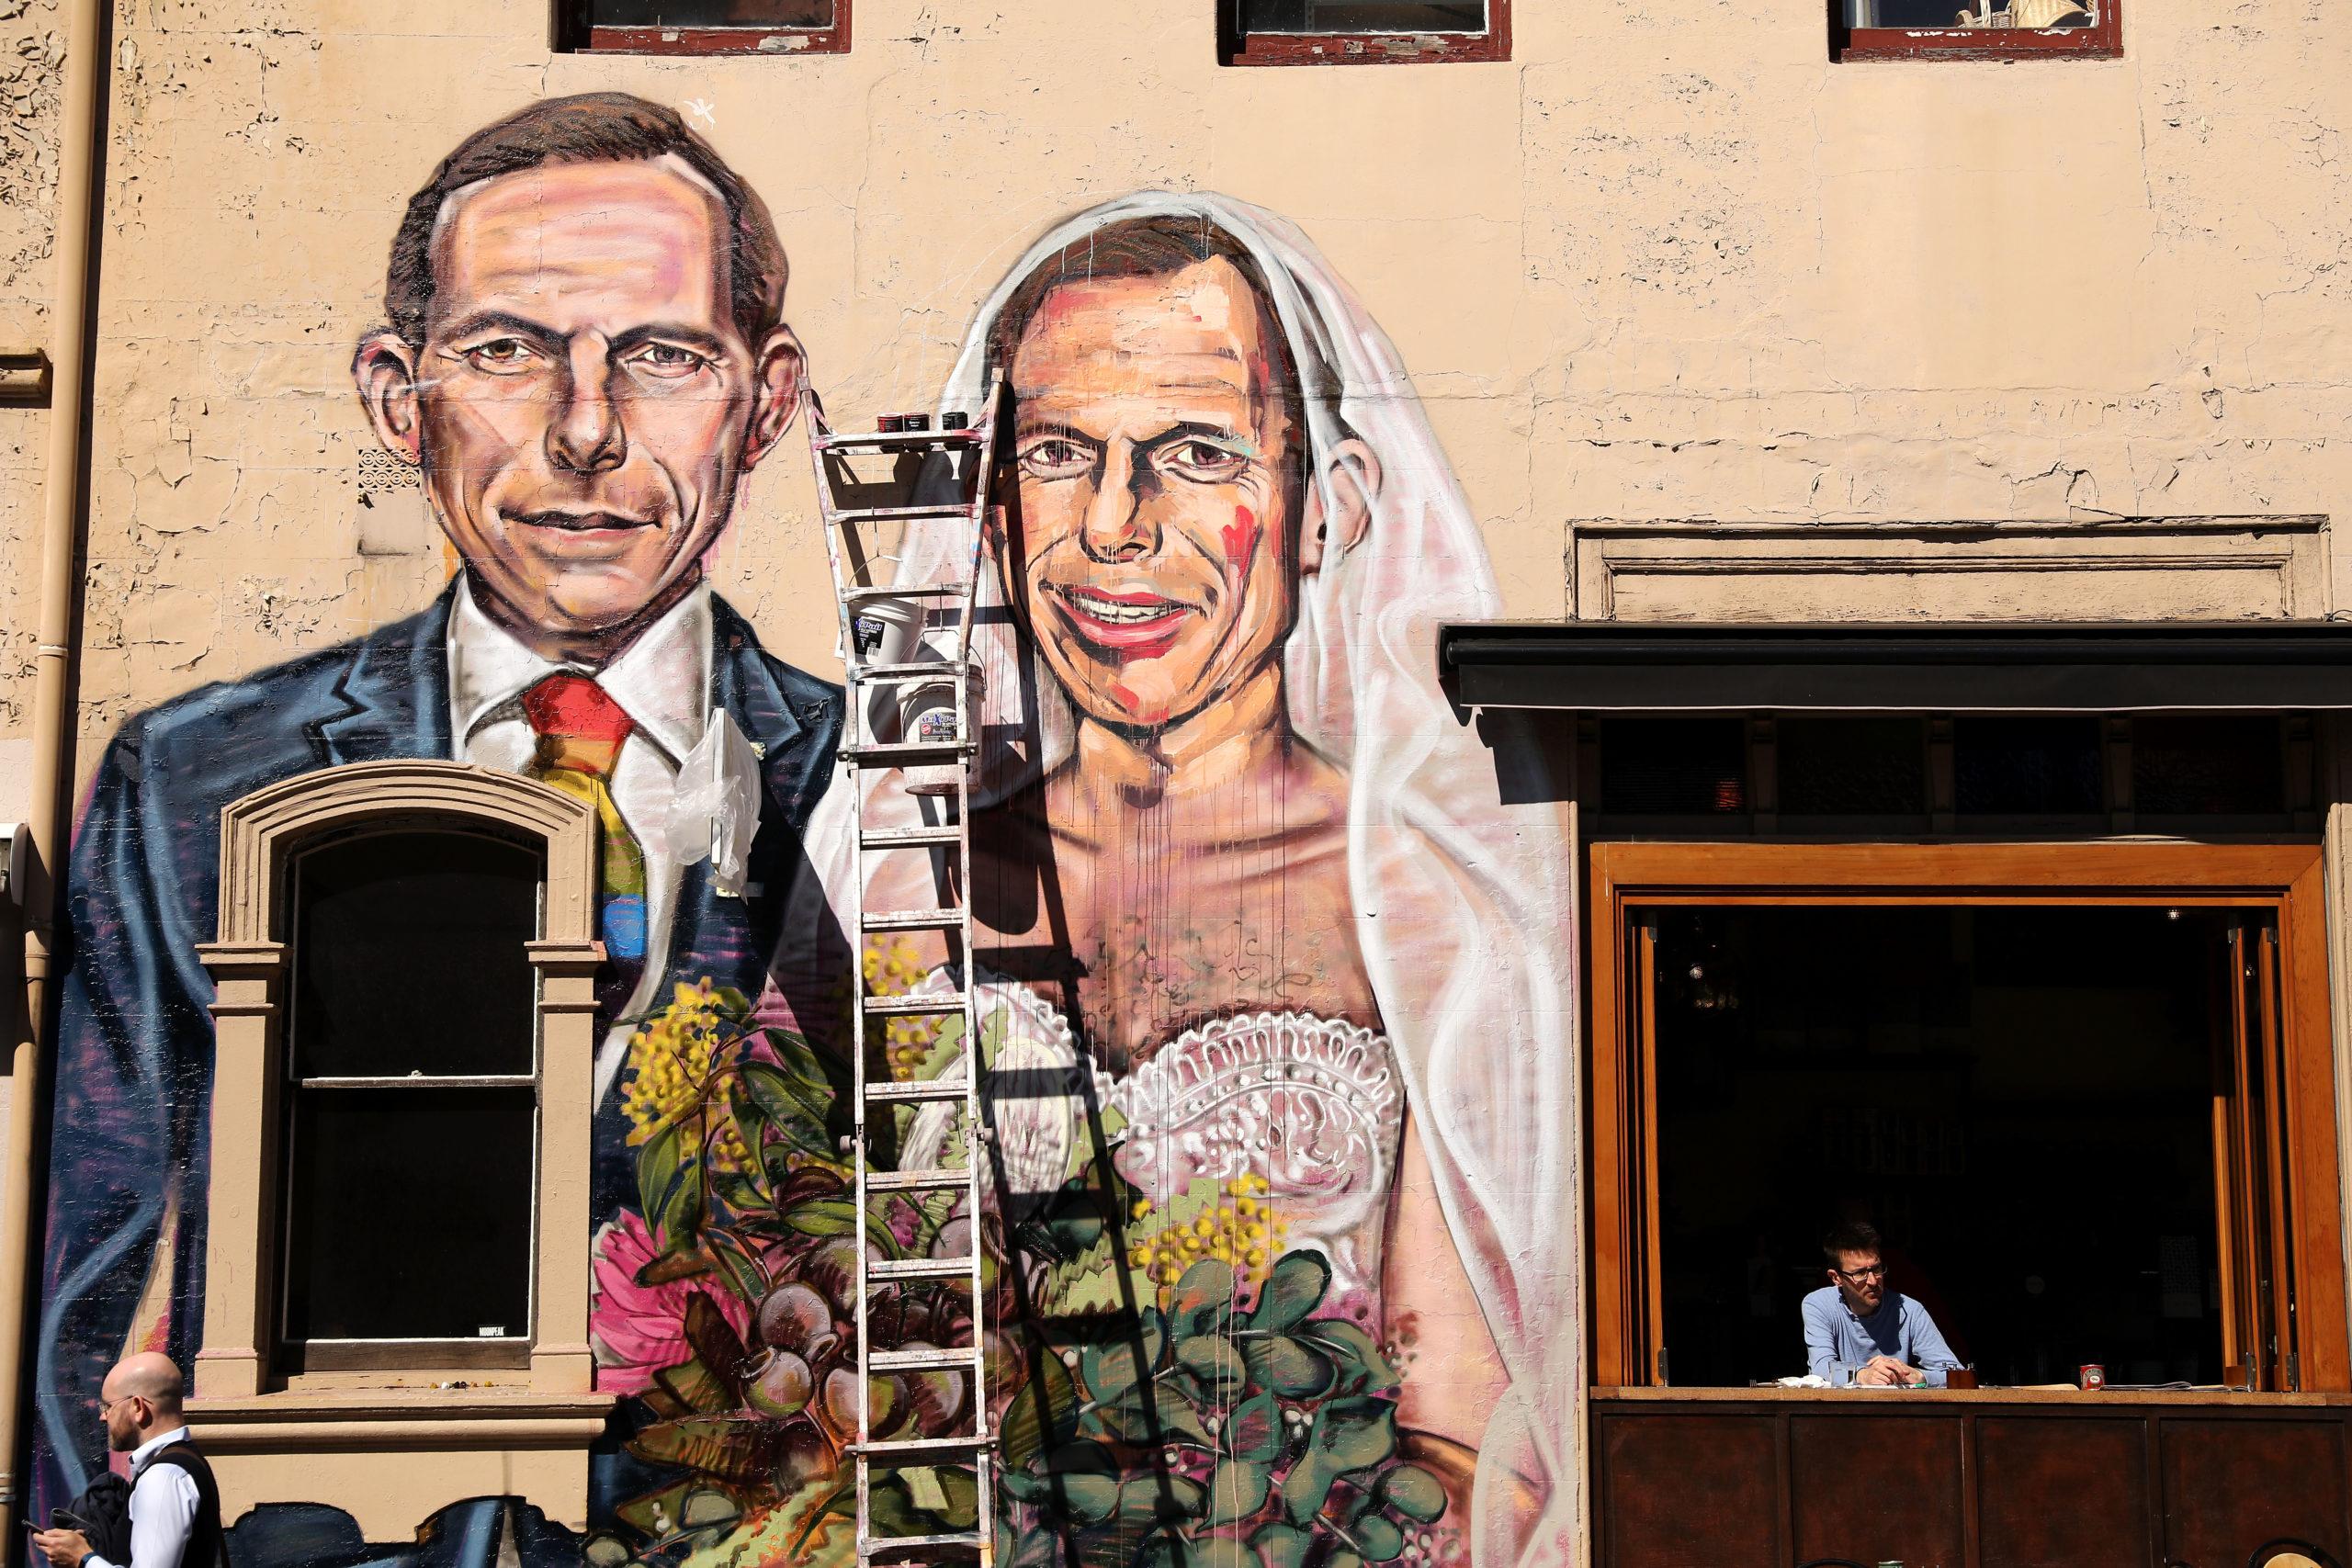 Une peinture murale de l'artiste Scott Marsh représentant l'ancien premier ministre Tony Abbott se mariant